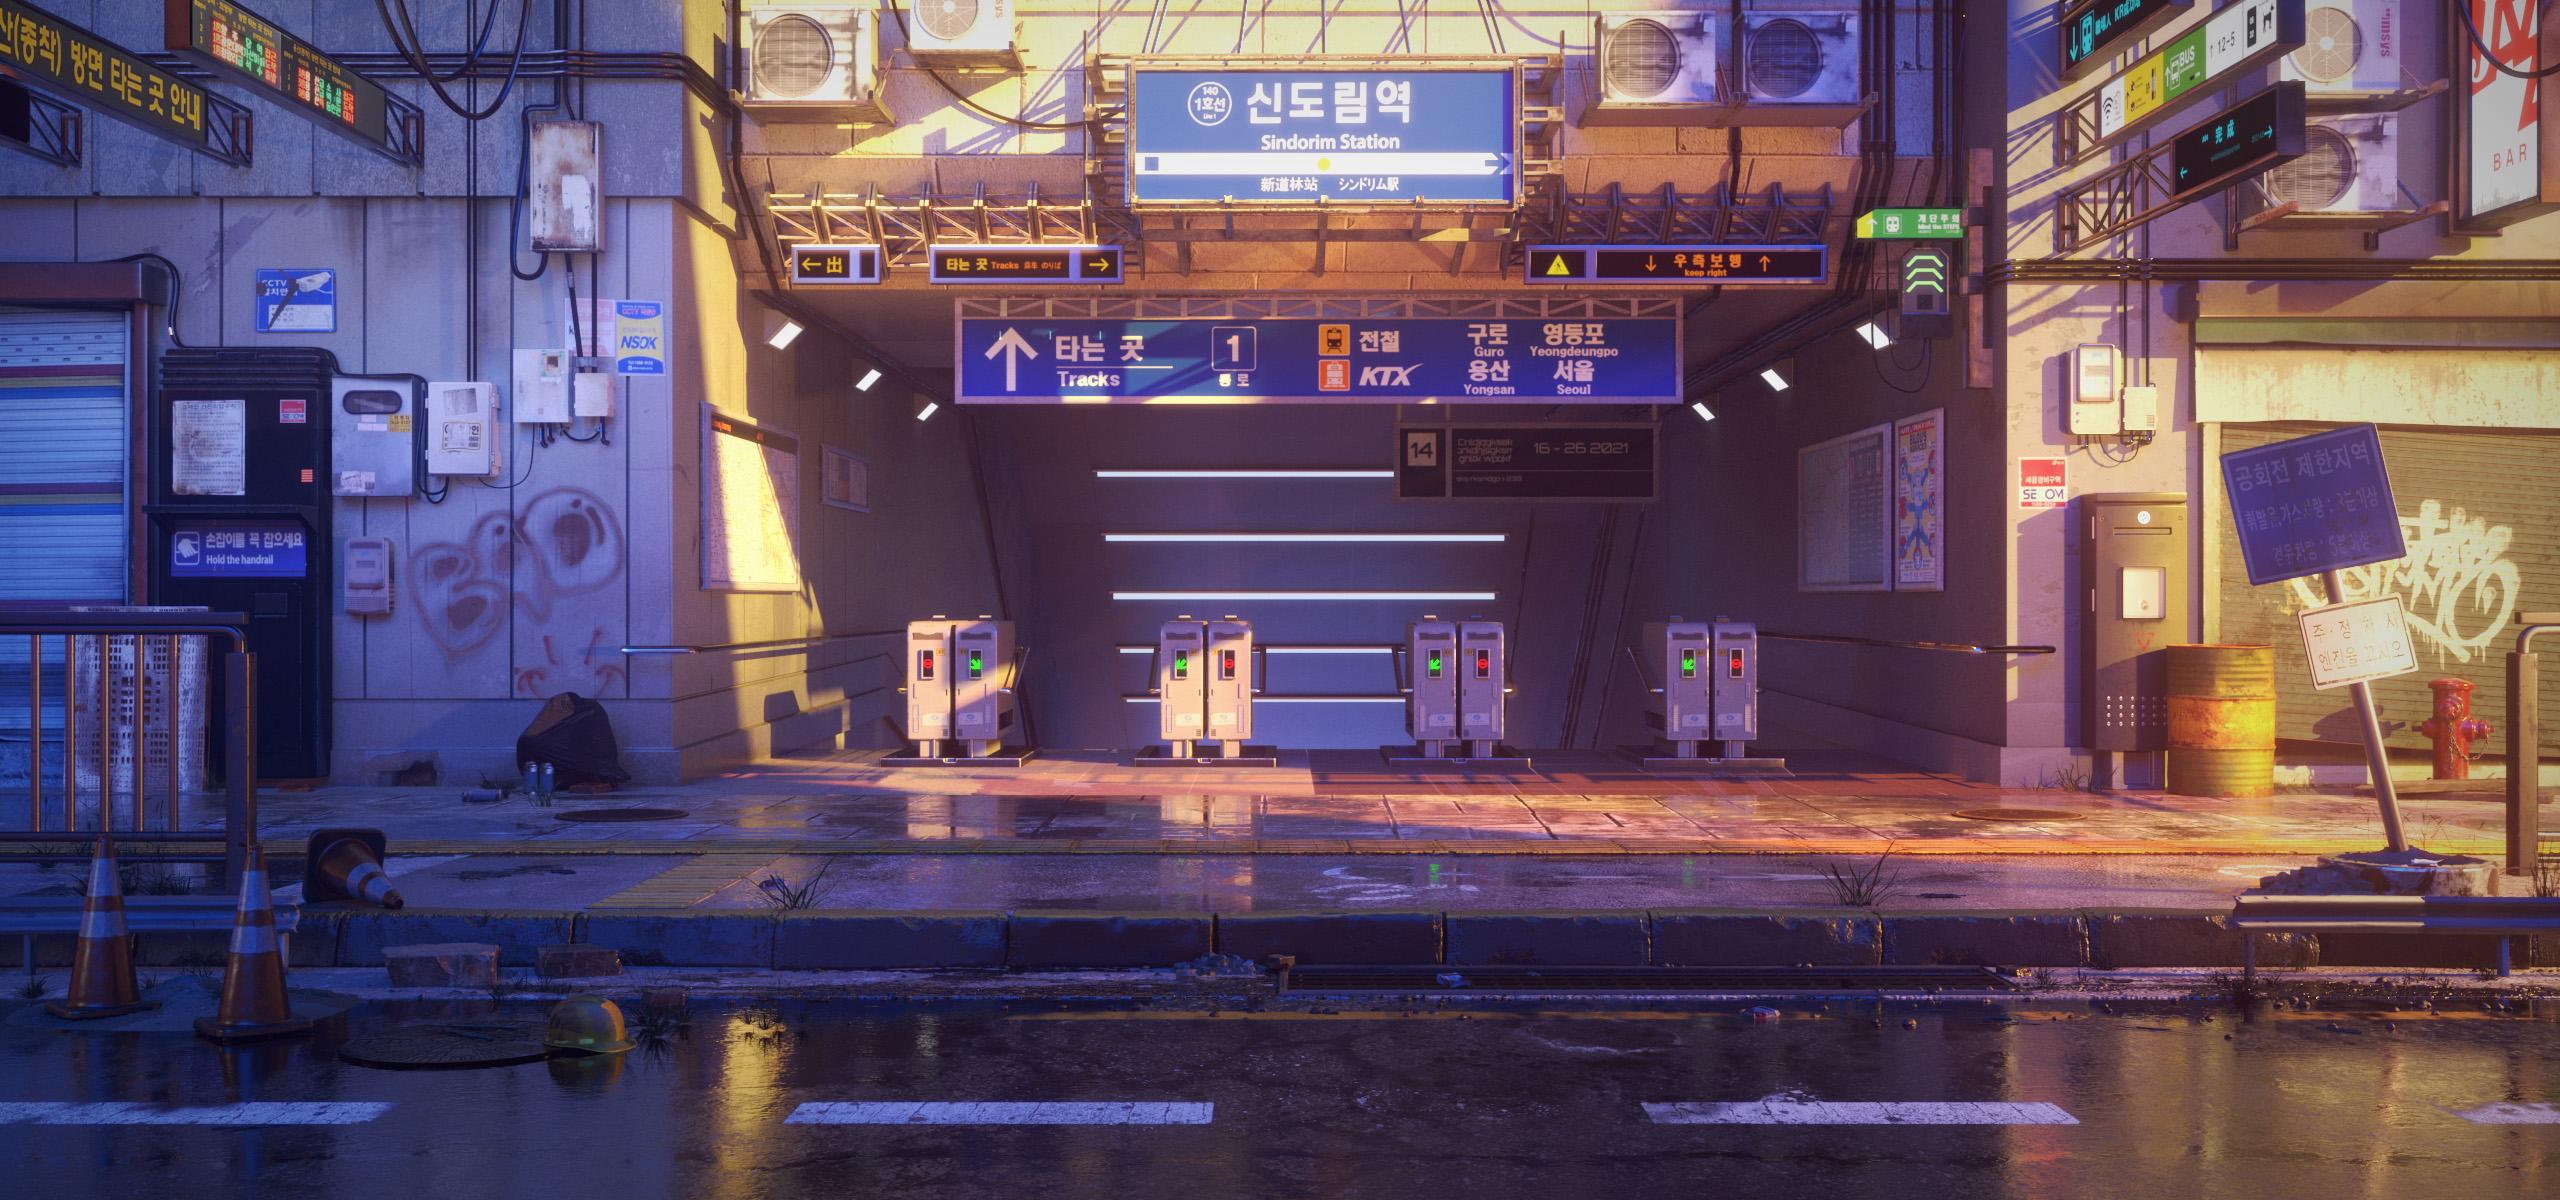 jisu_subway_final2.jpg